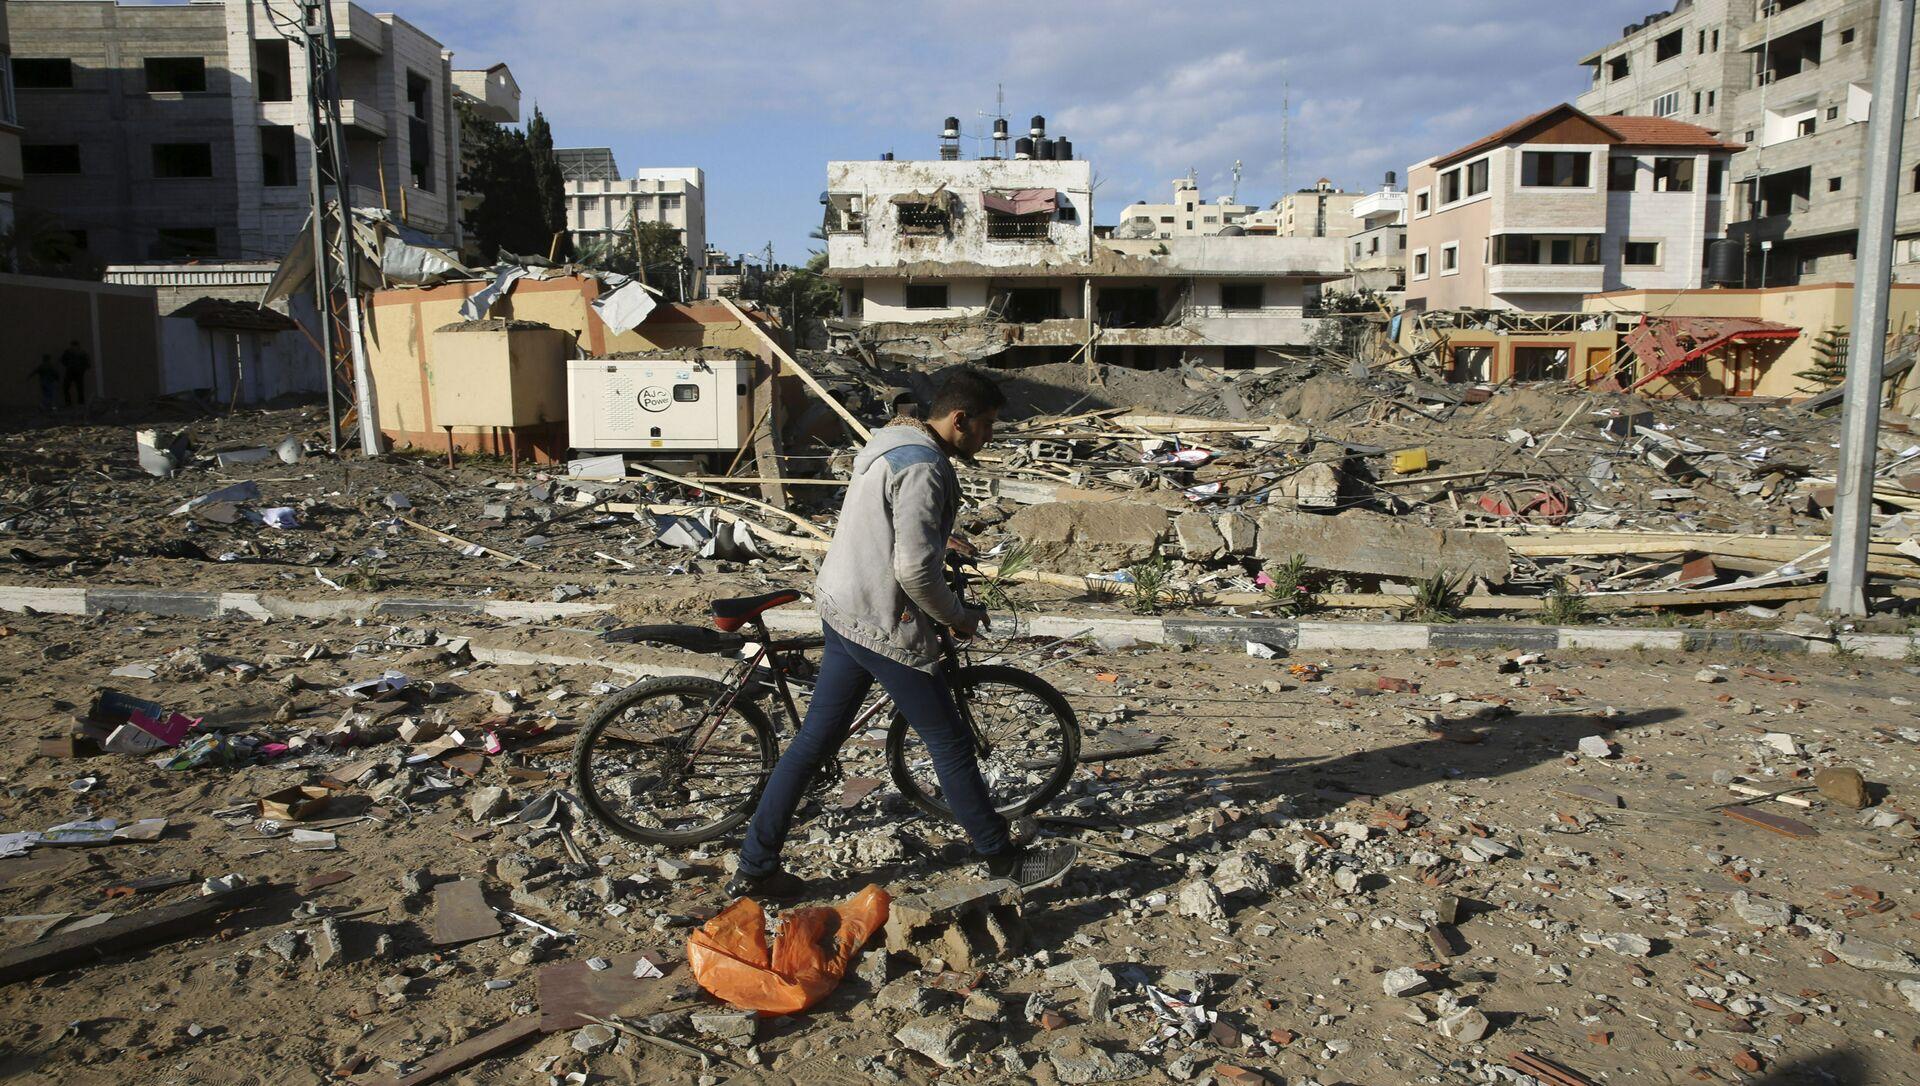 Bande de Gaza, archives - Sputnik France, 1920, 12.03.2021